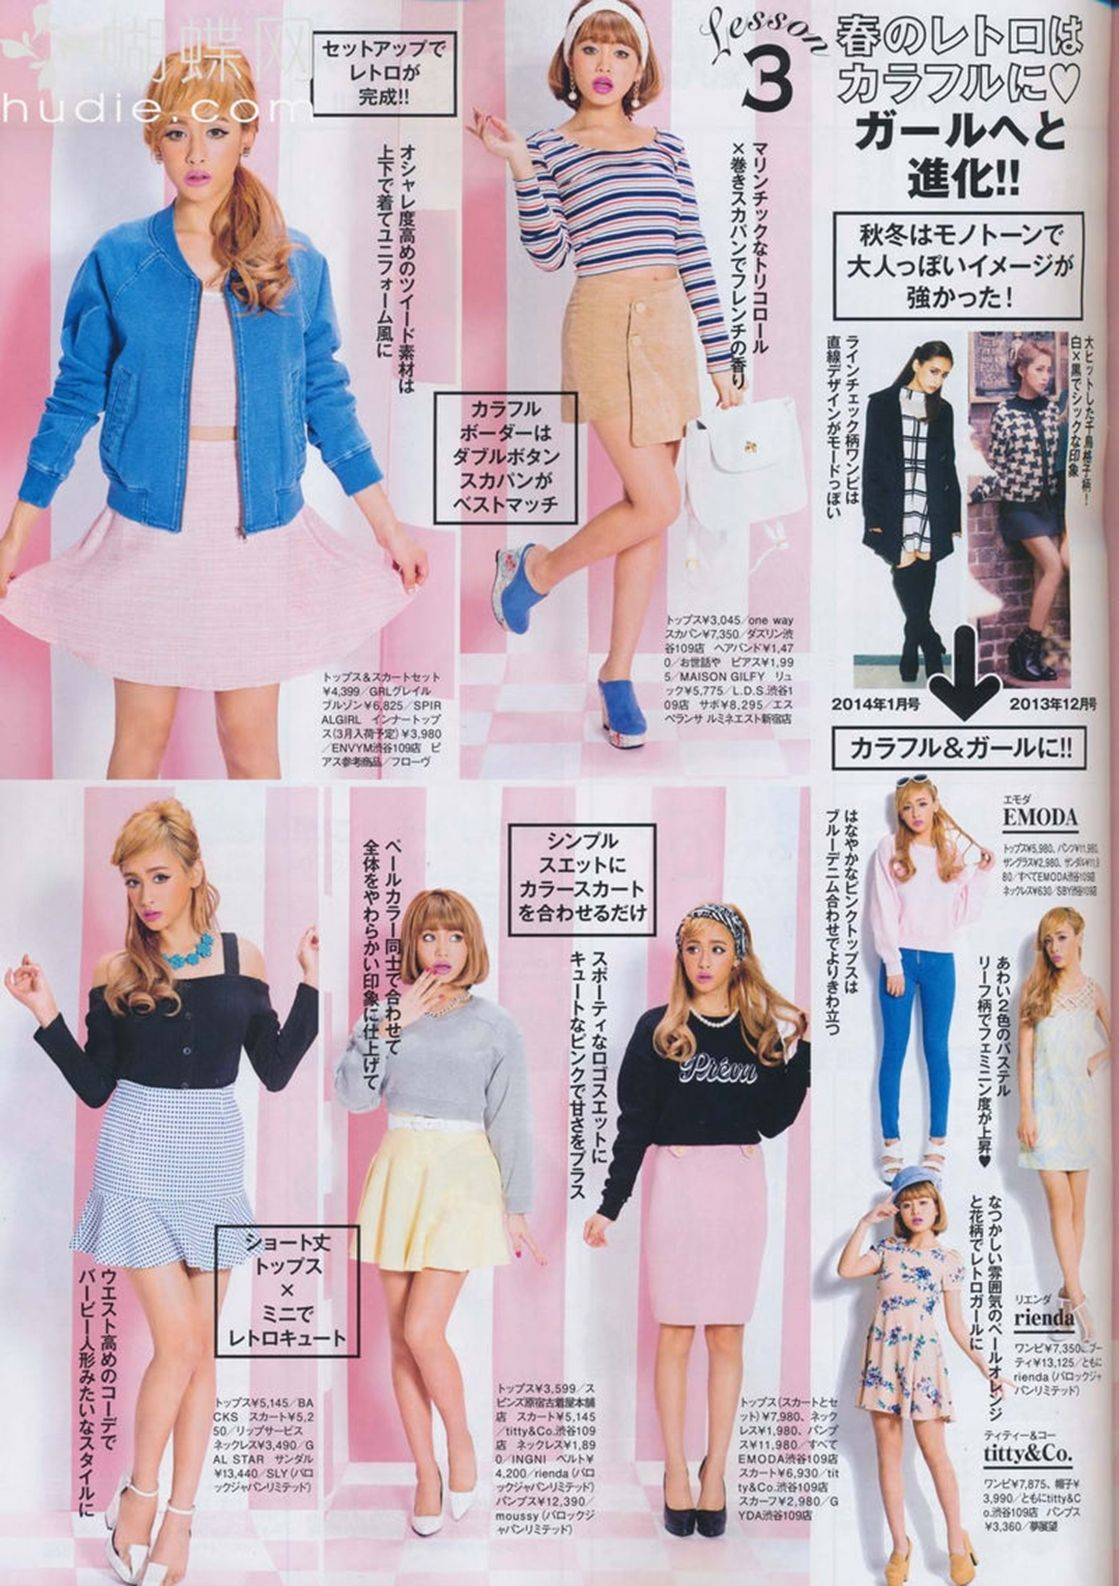 Asian teen magazine